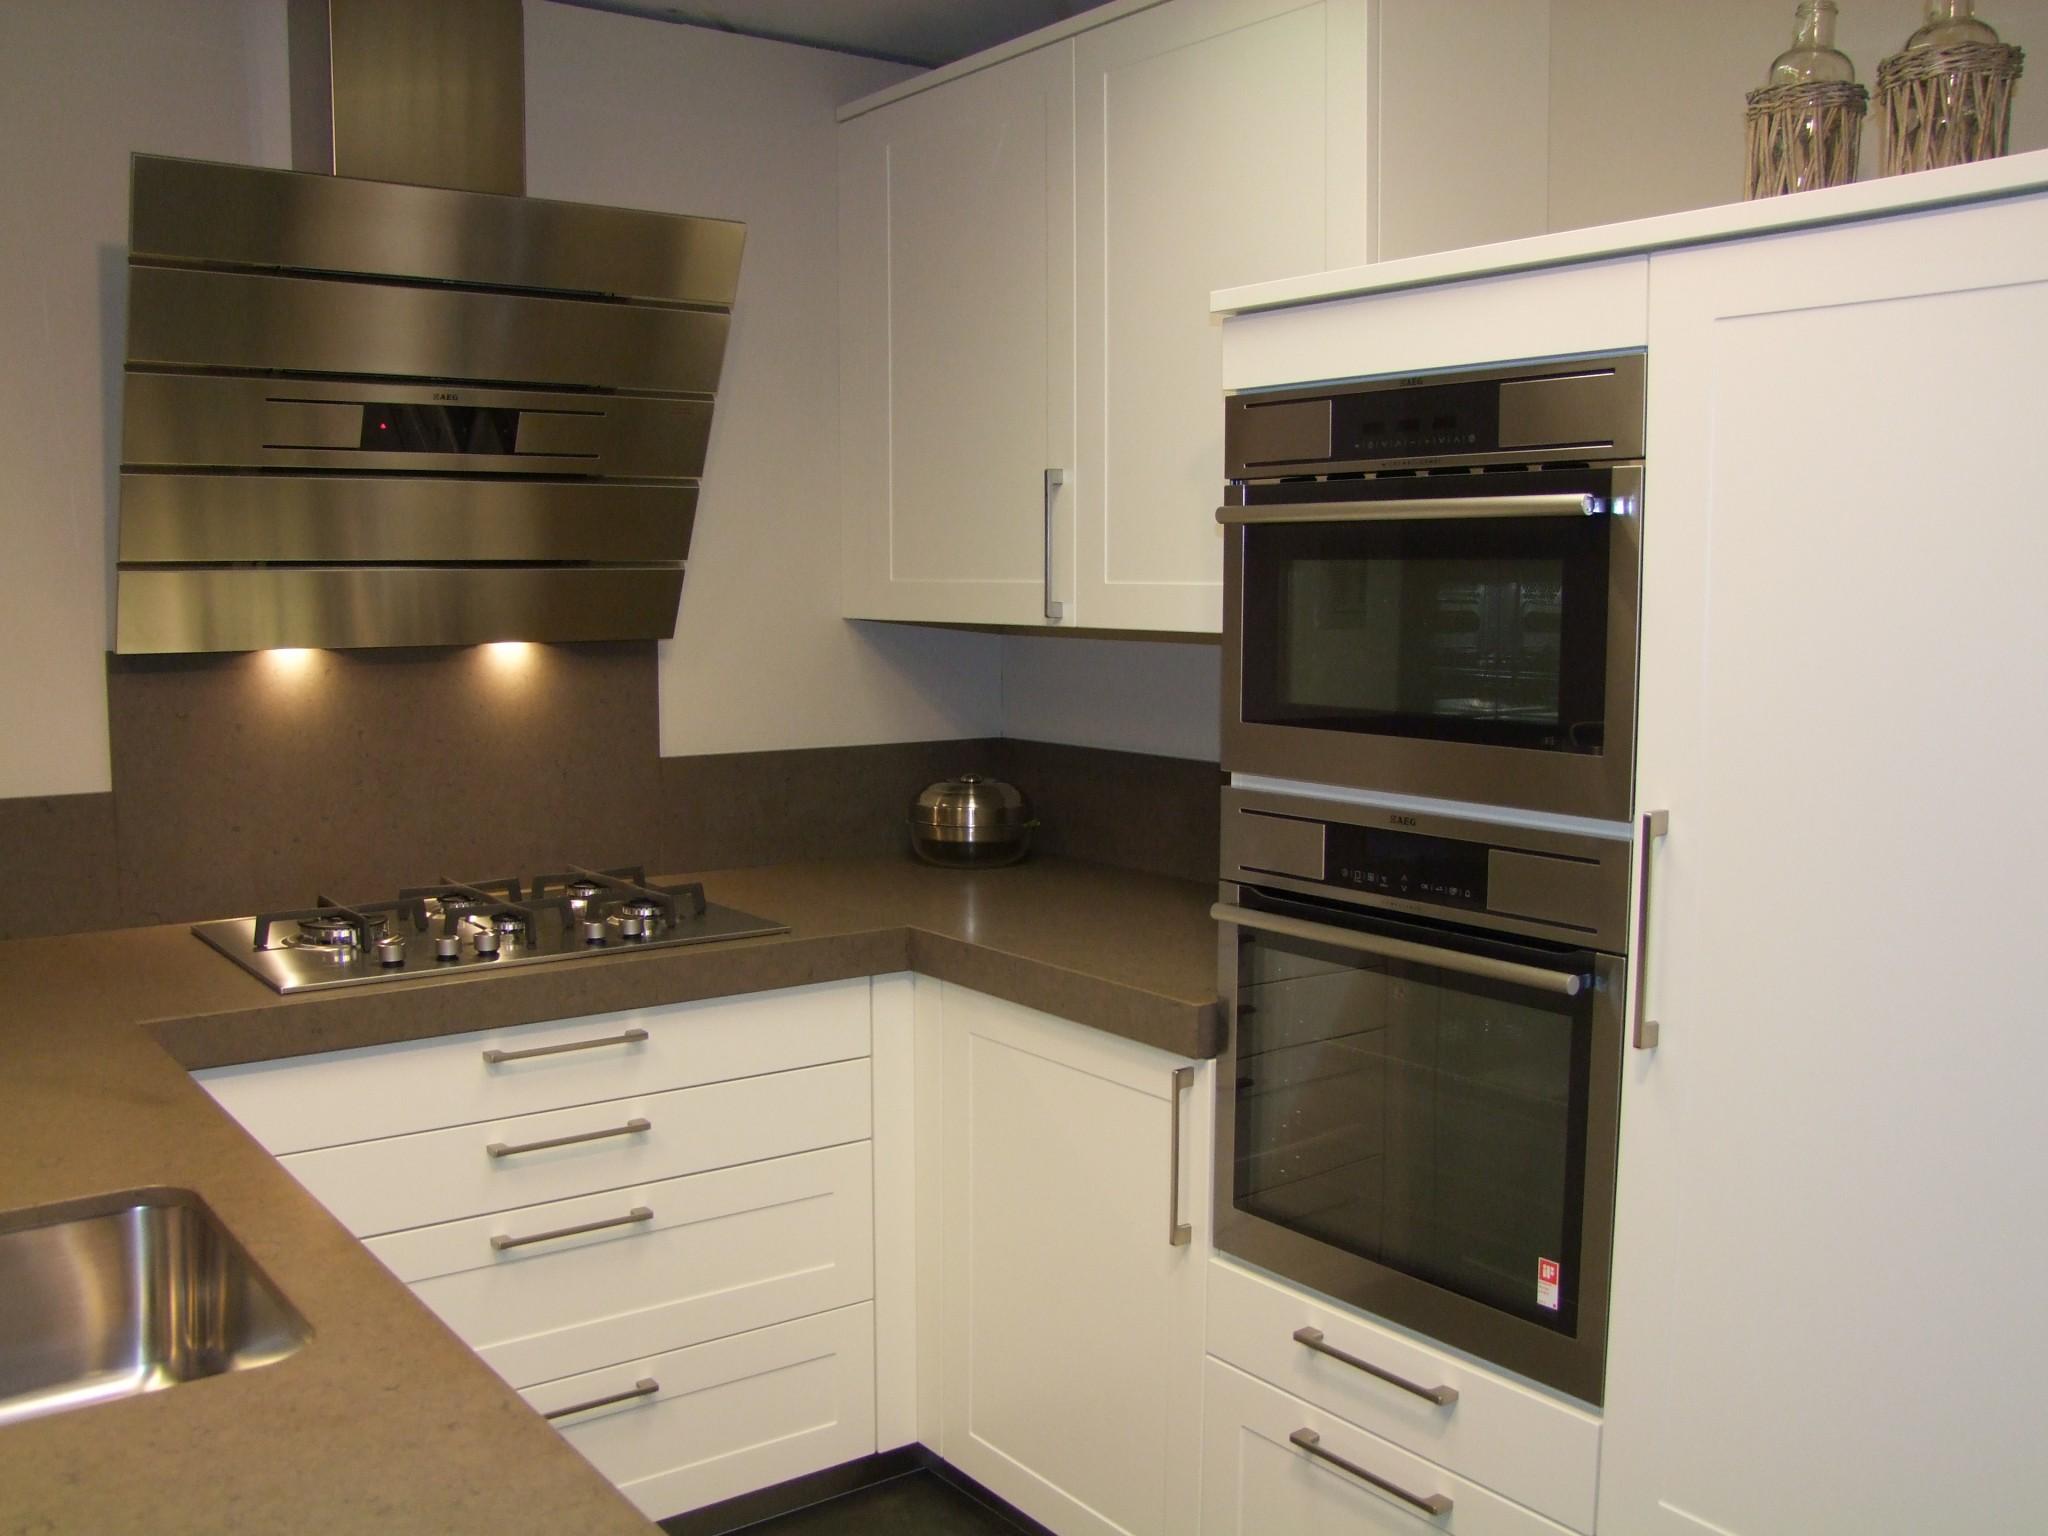 Modern landelijke keuken van vancel kremer keukens showroom opruiming - Modellen van kleine moderne keukens ...